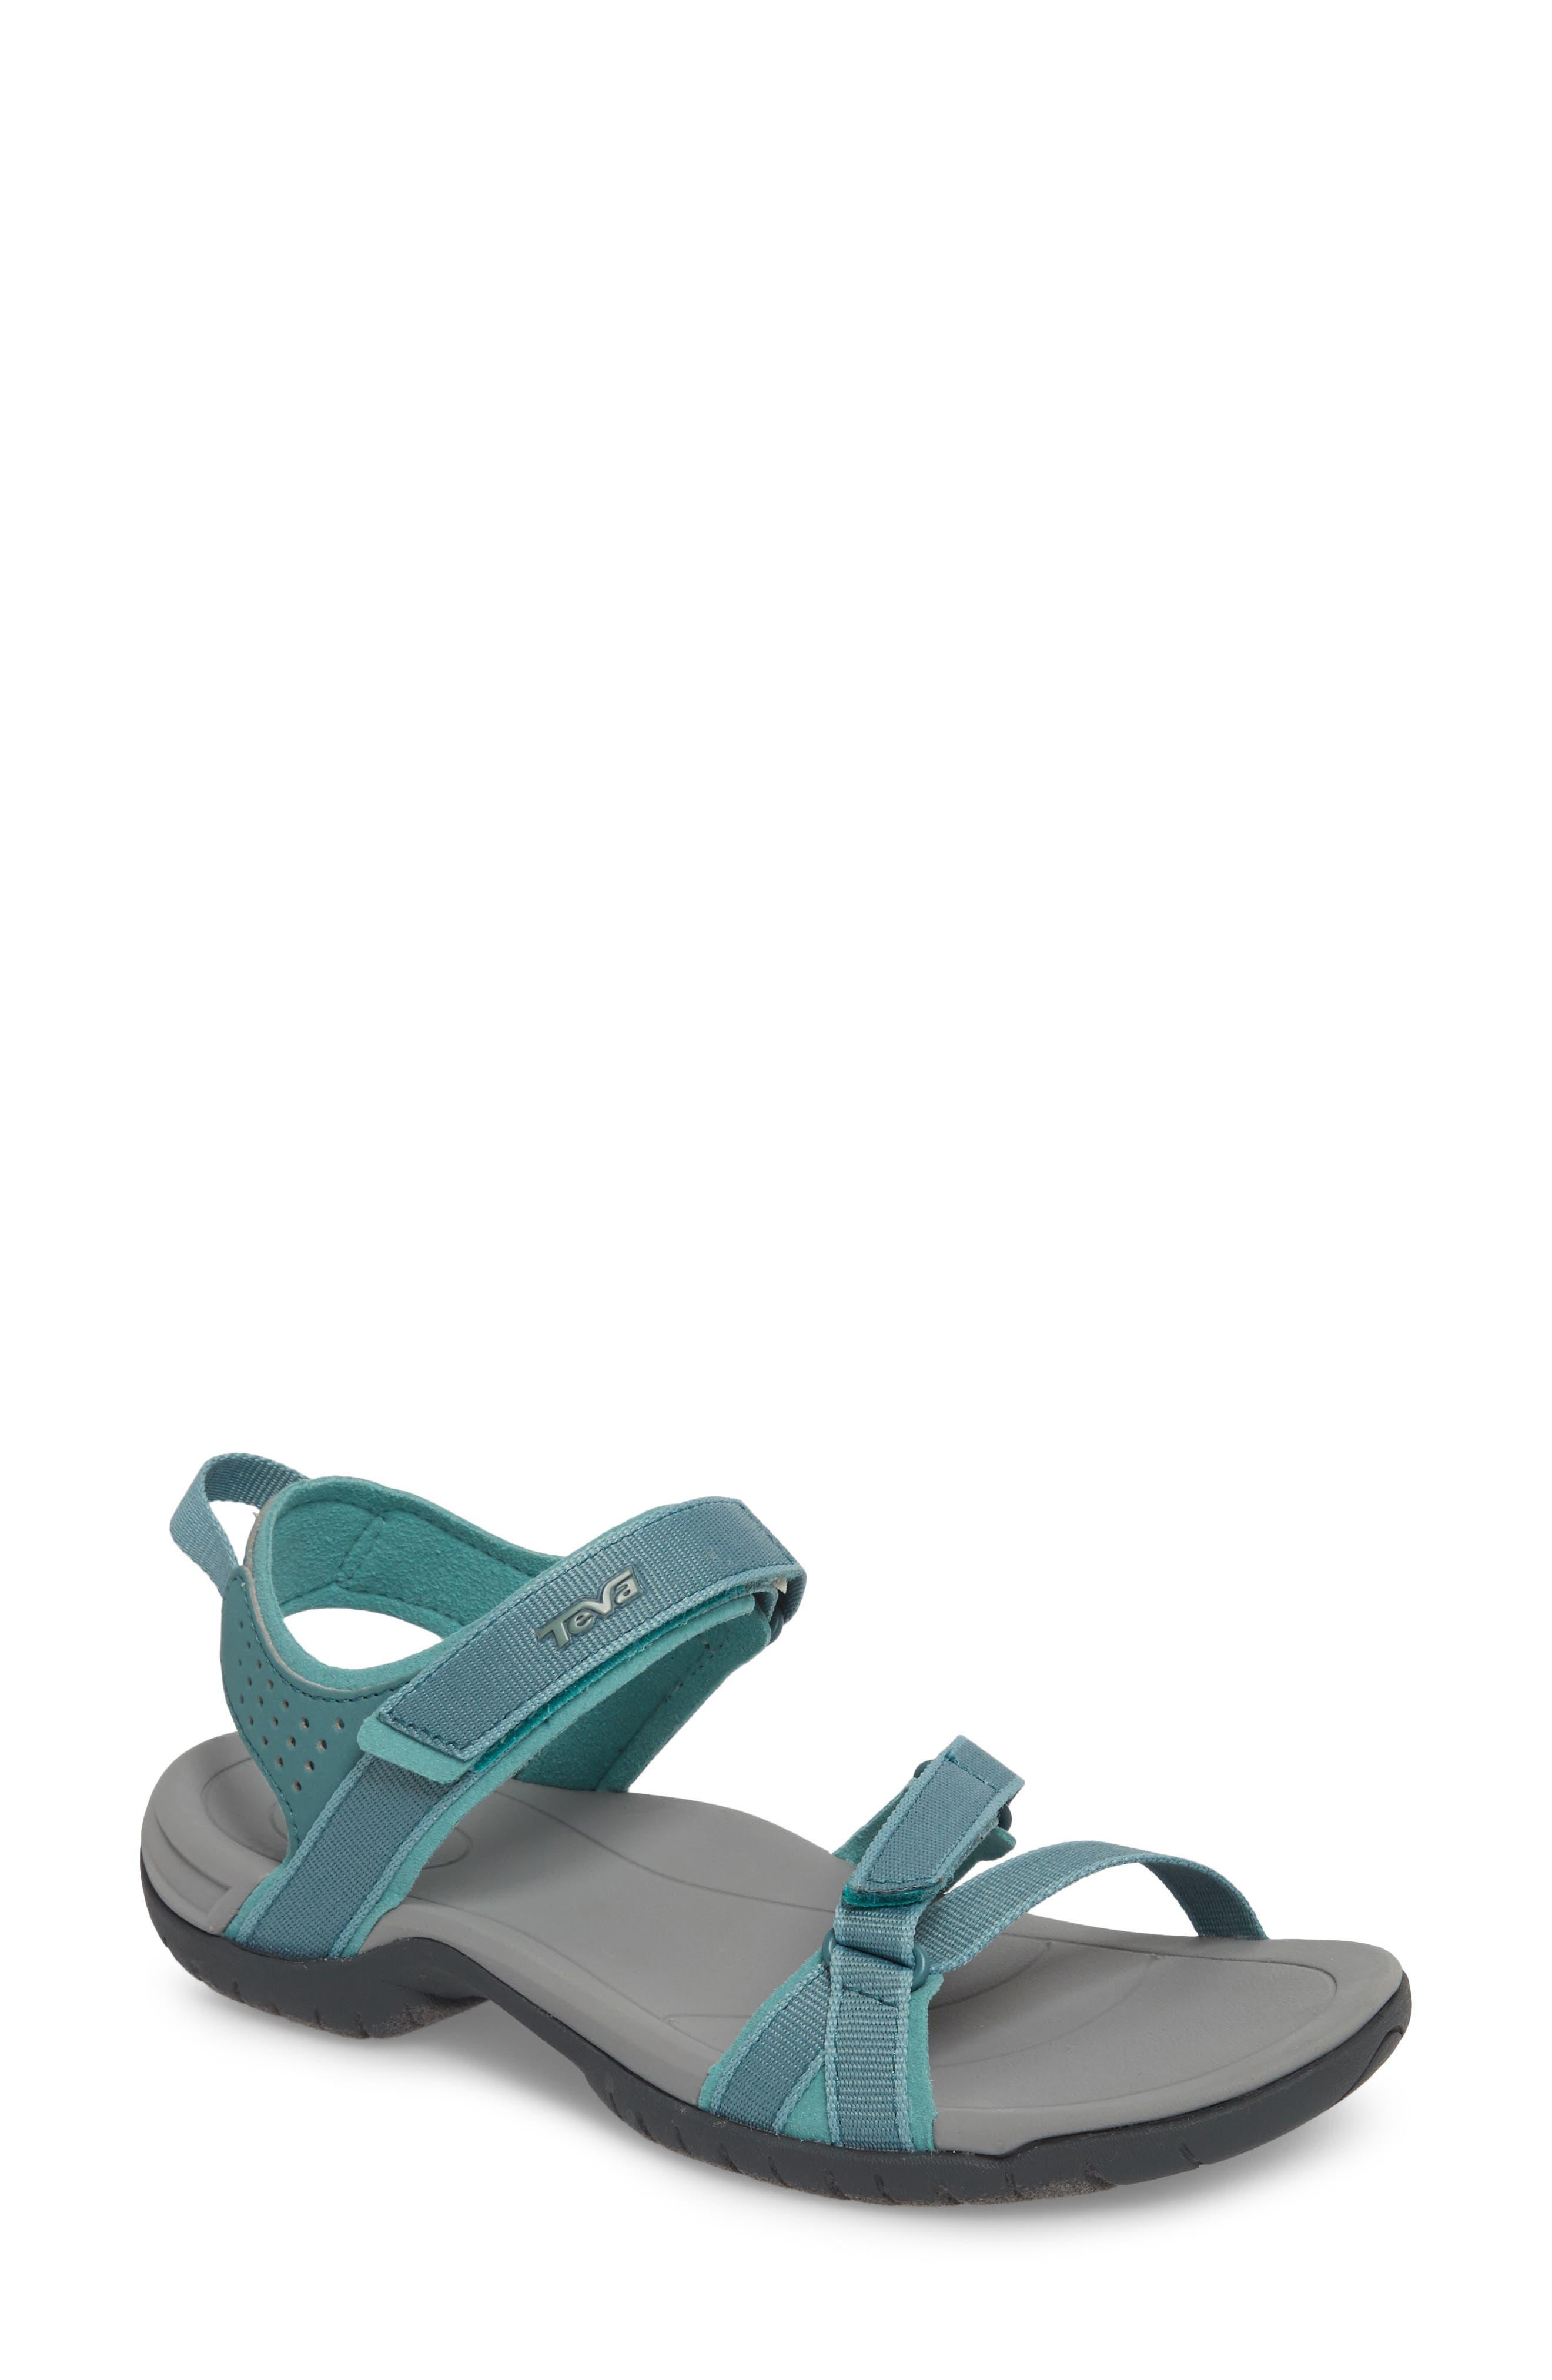 Alternate Image 1 Selected - Teva 'Verra' Sandal (Women)